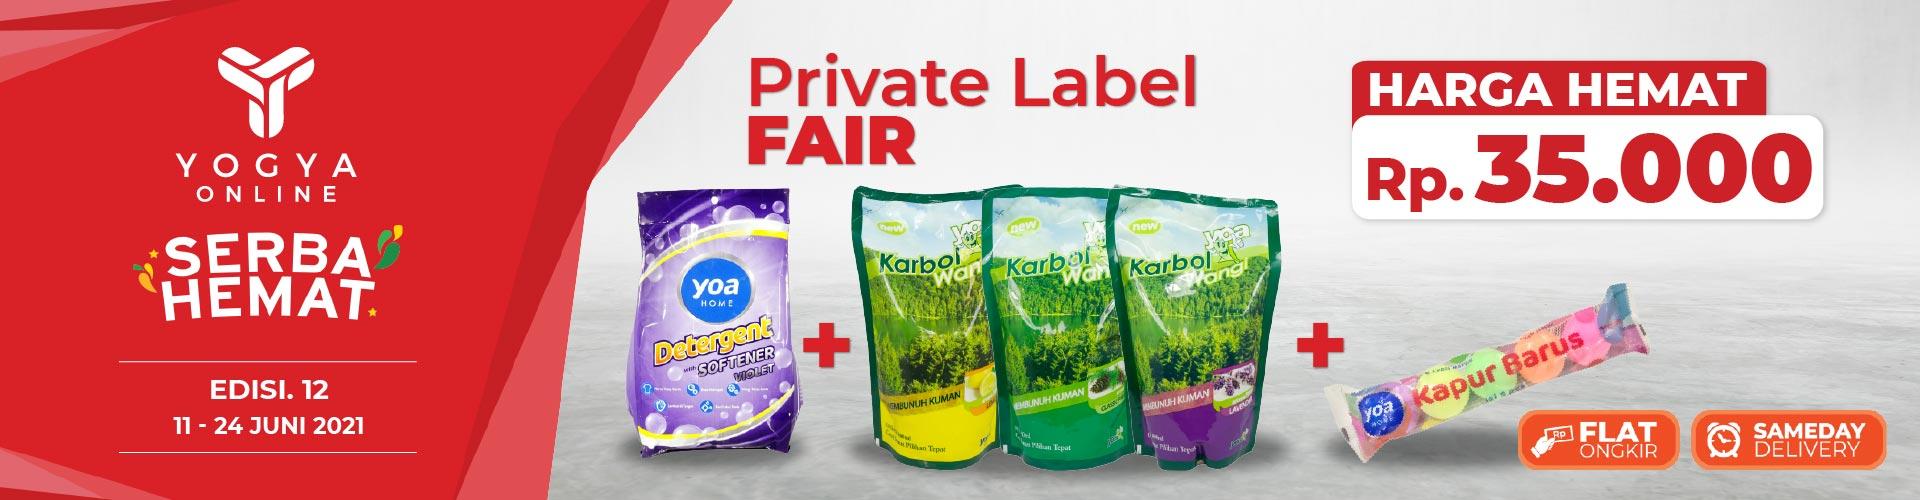 Private Label Fair